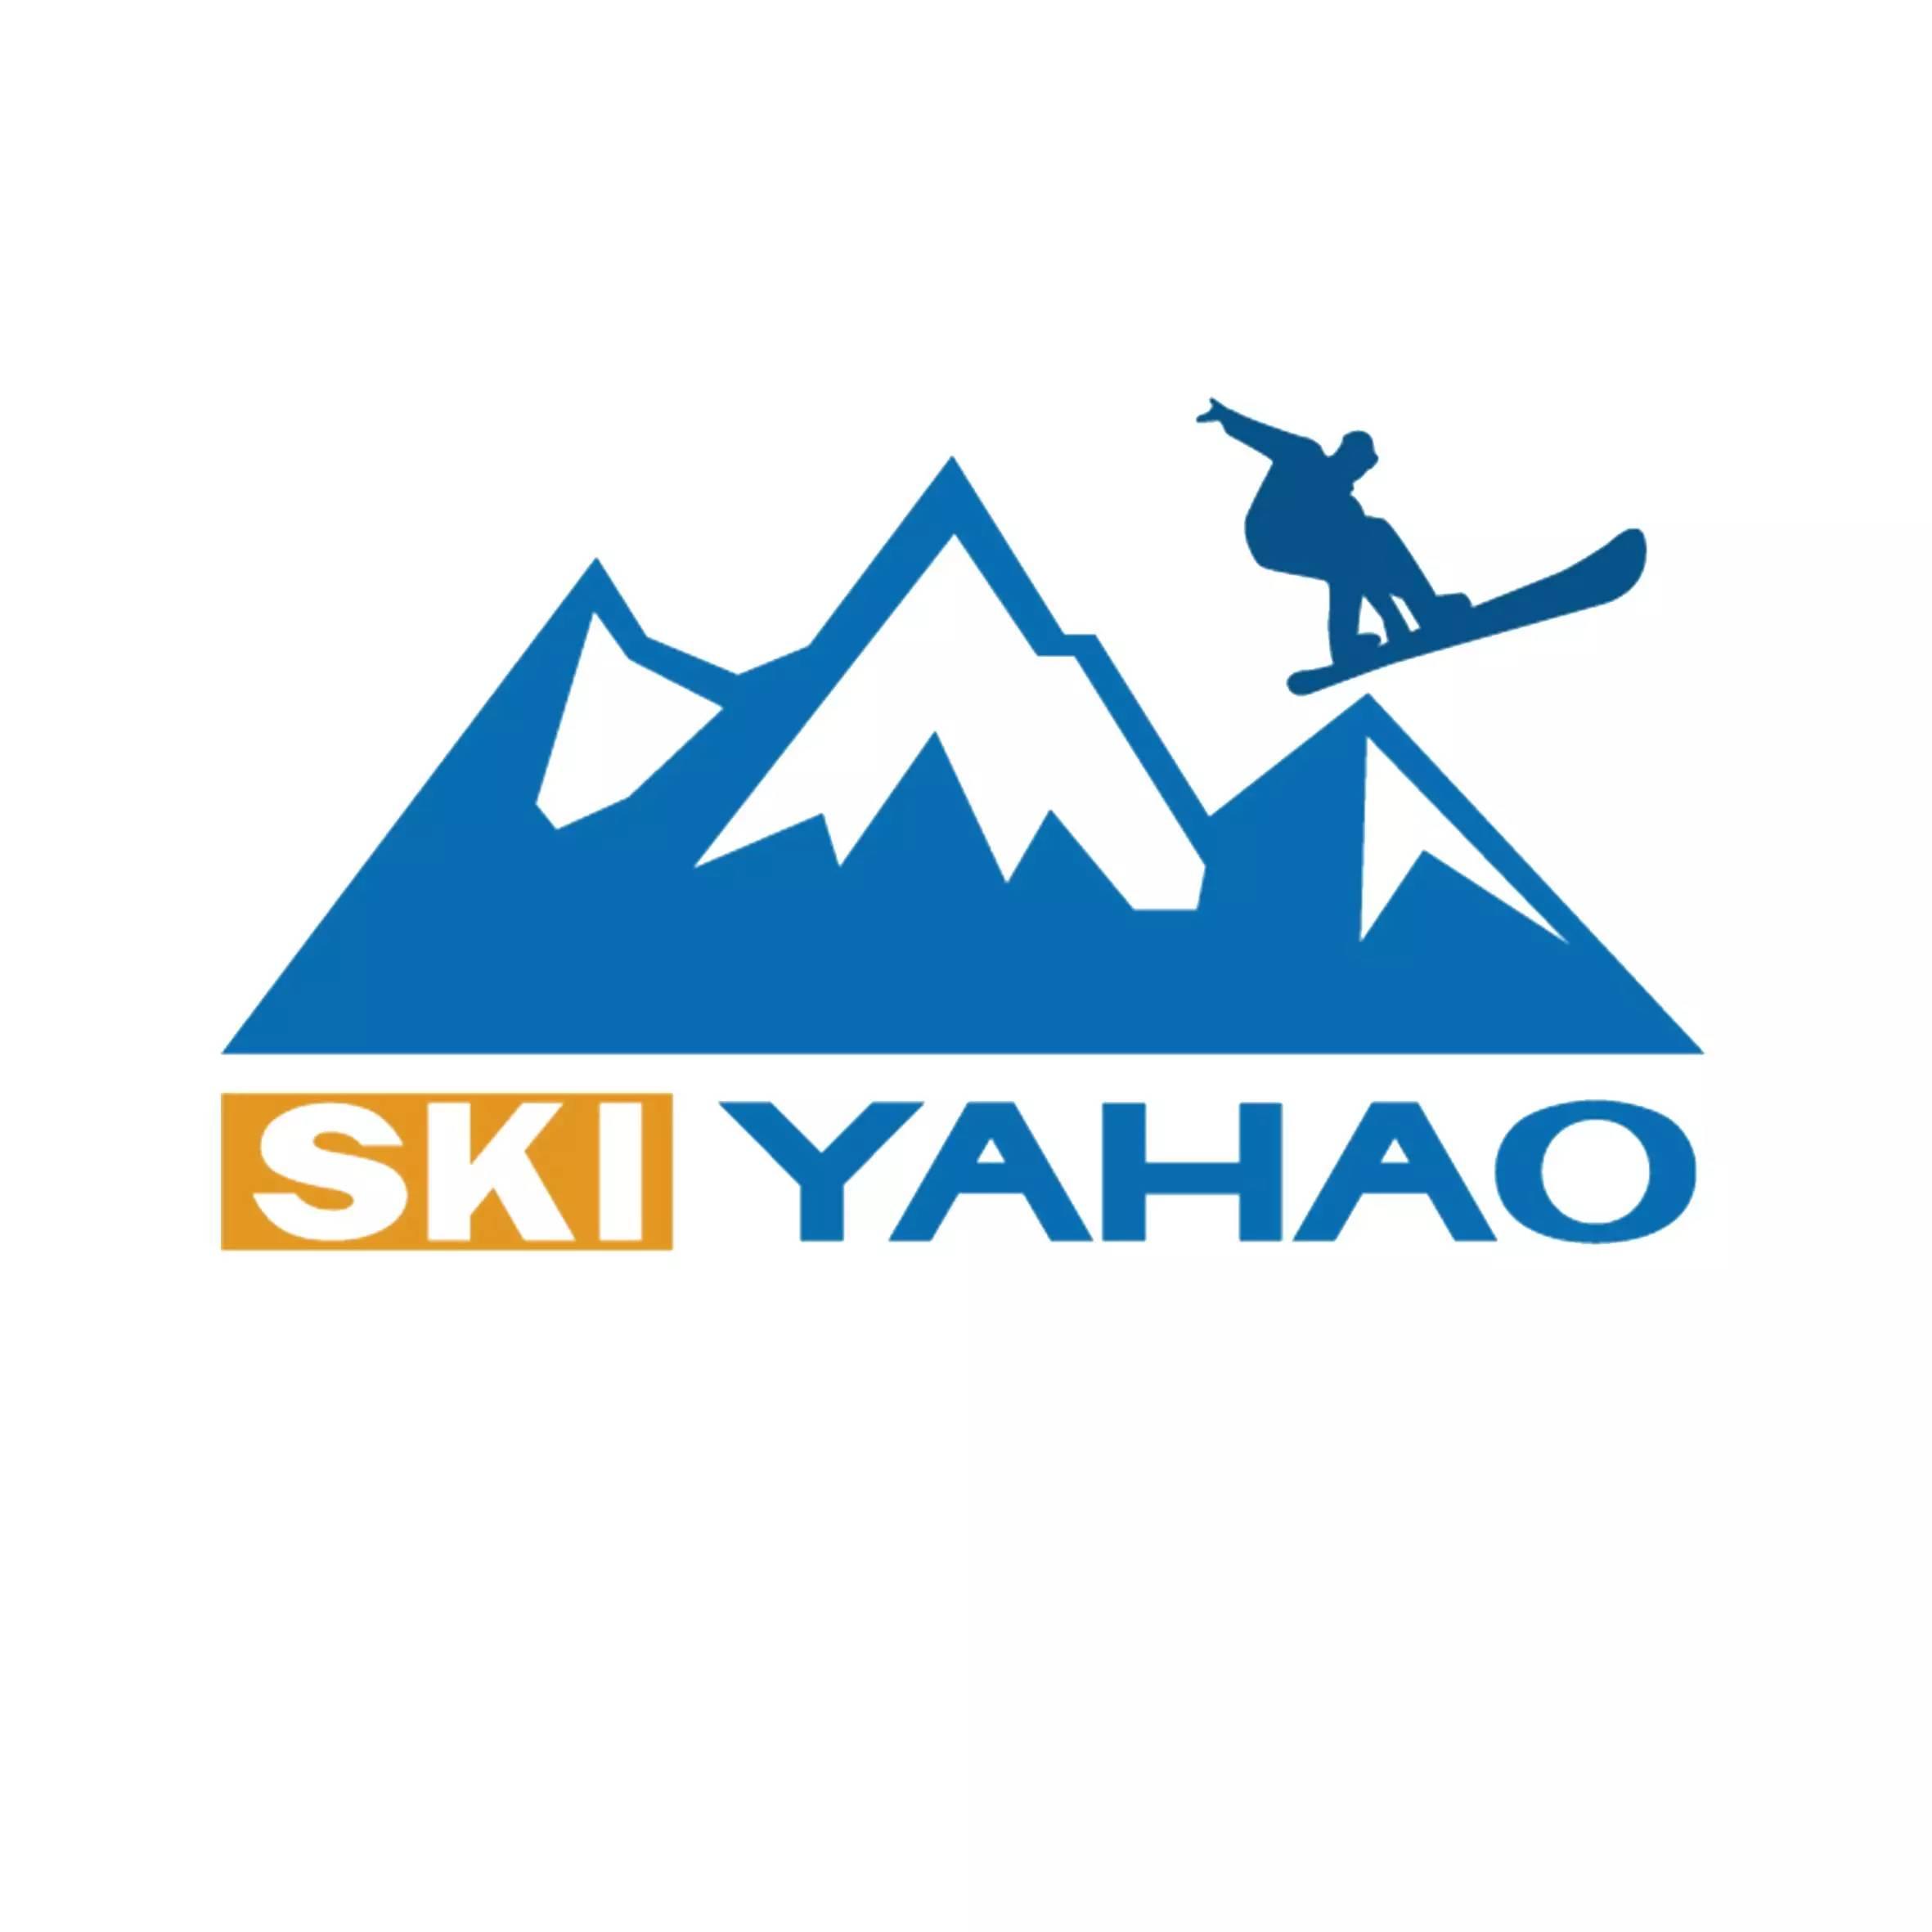 2006-2010 五年奋进  2006年 建立国内首个滑雪设备研发中心